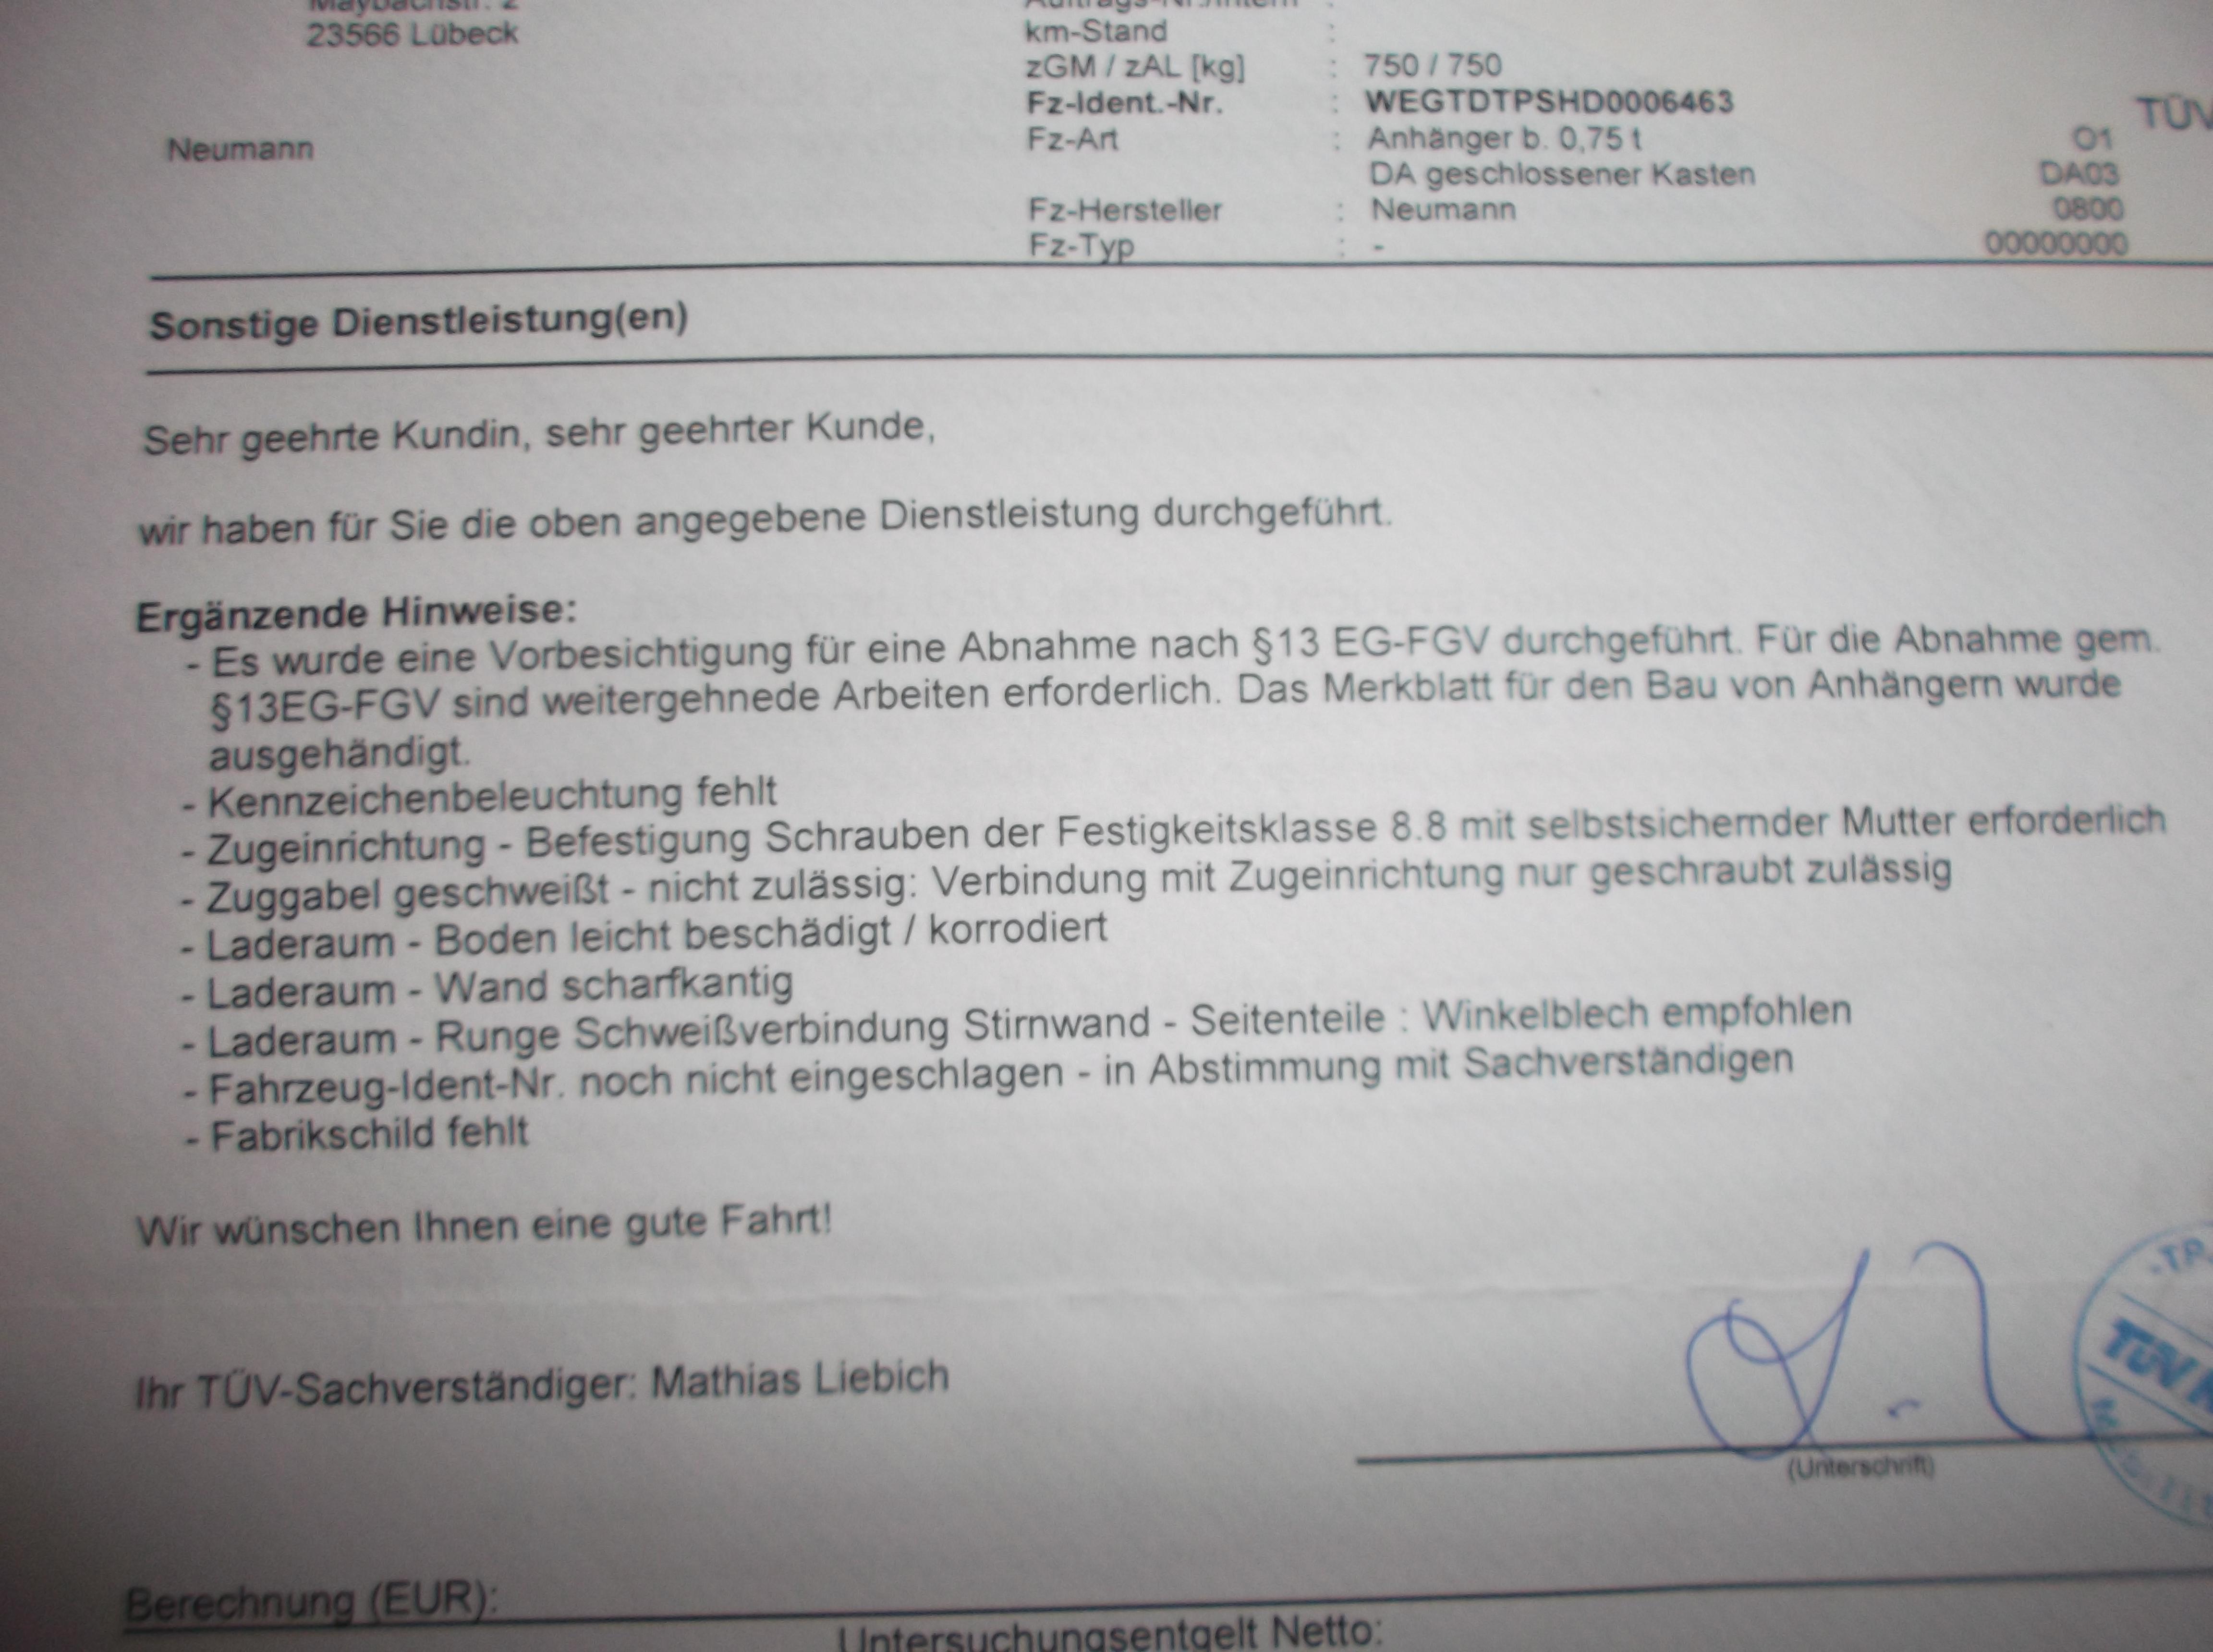 Charmant Verkabelung Der Anhängerverkabelung Zeitgenössisch ...